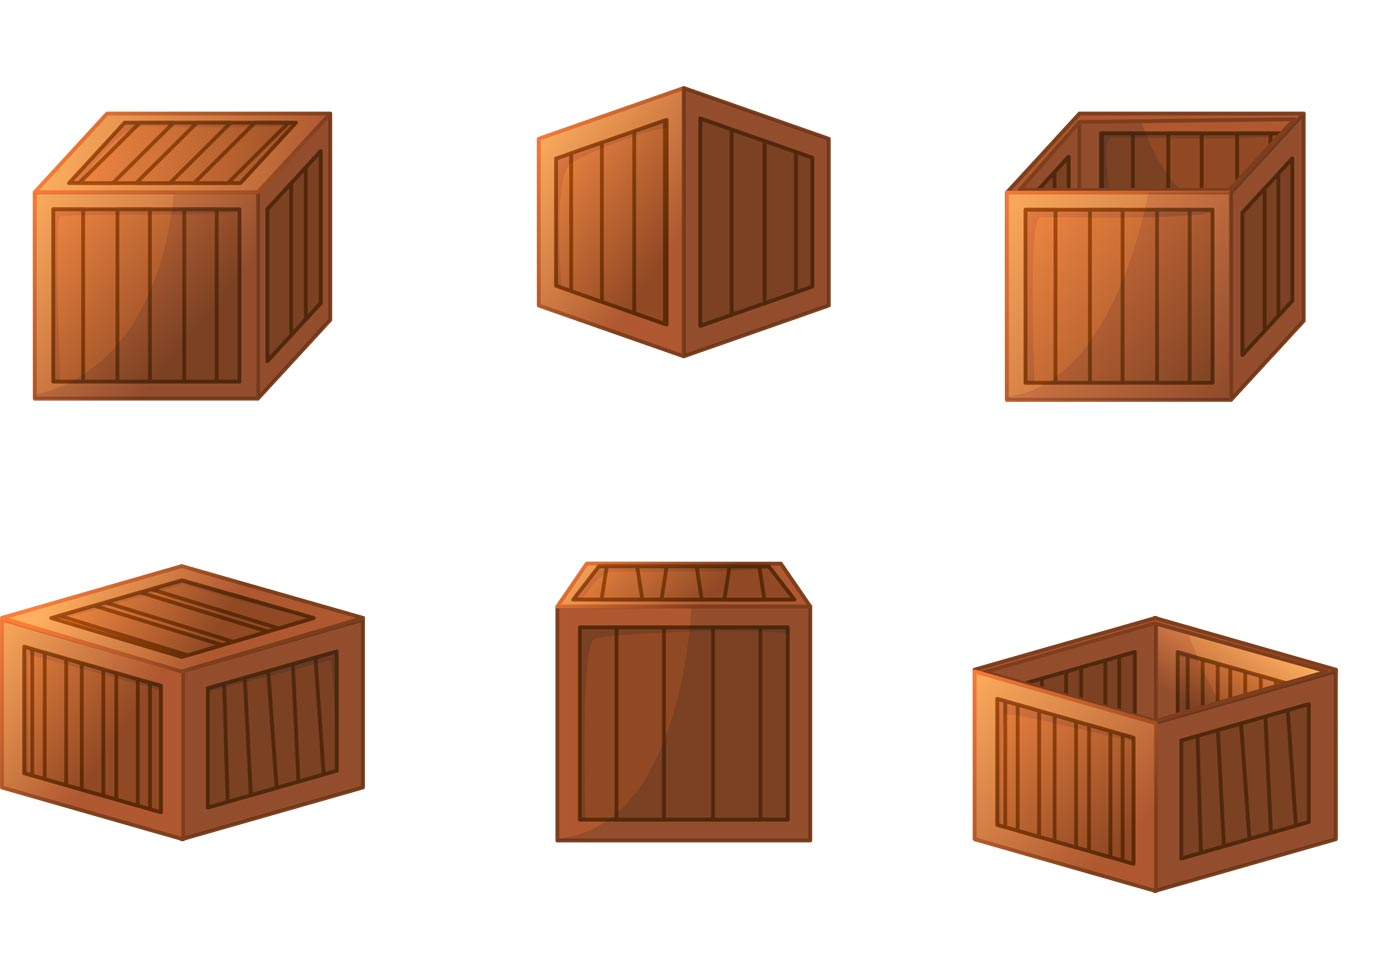 3D Wooden Crate Vectors - Download Free Vector Art, Stock ...